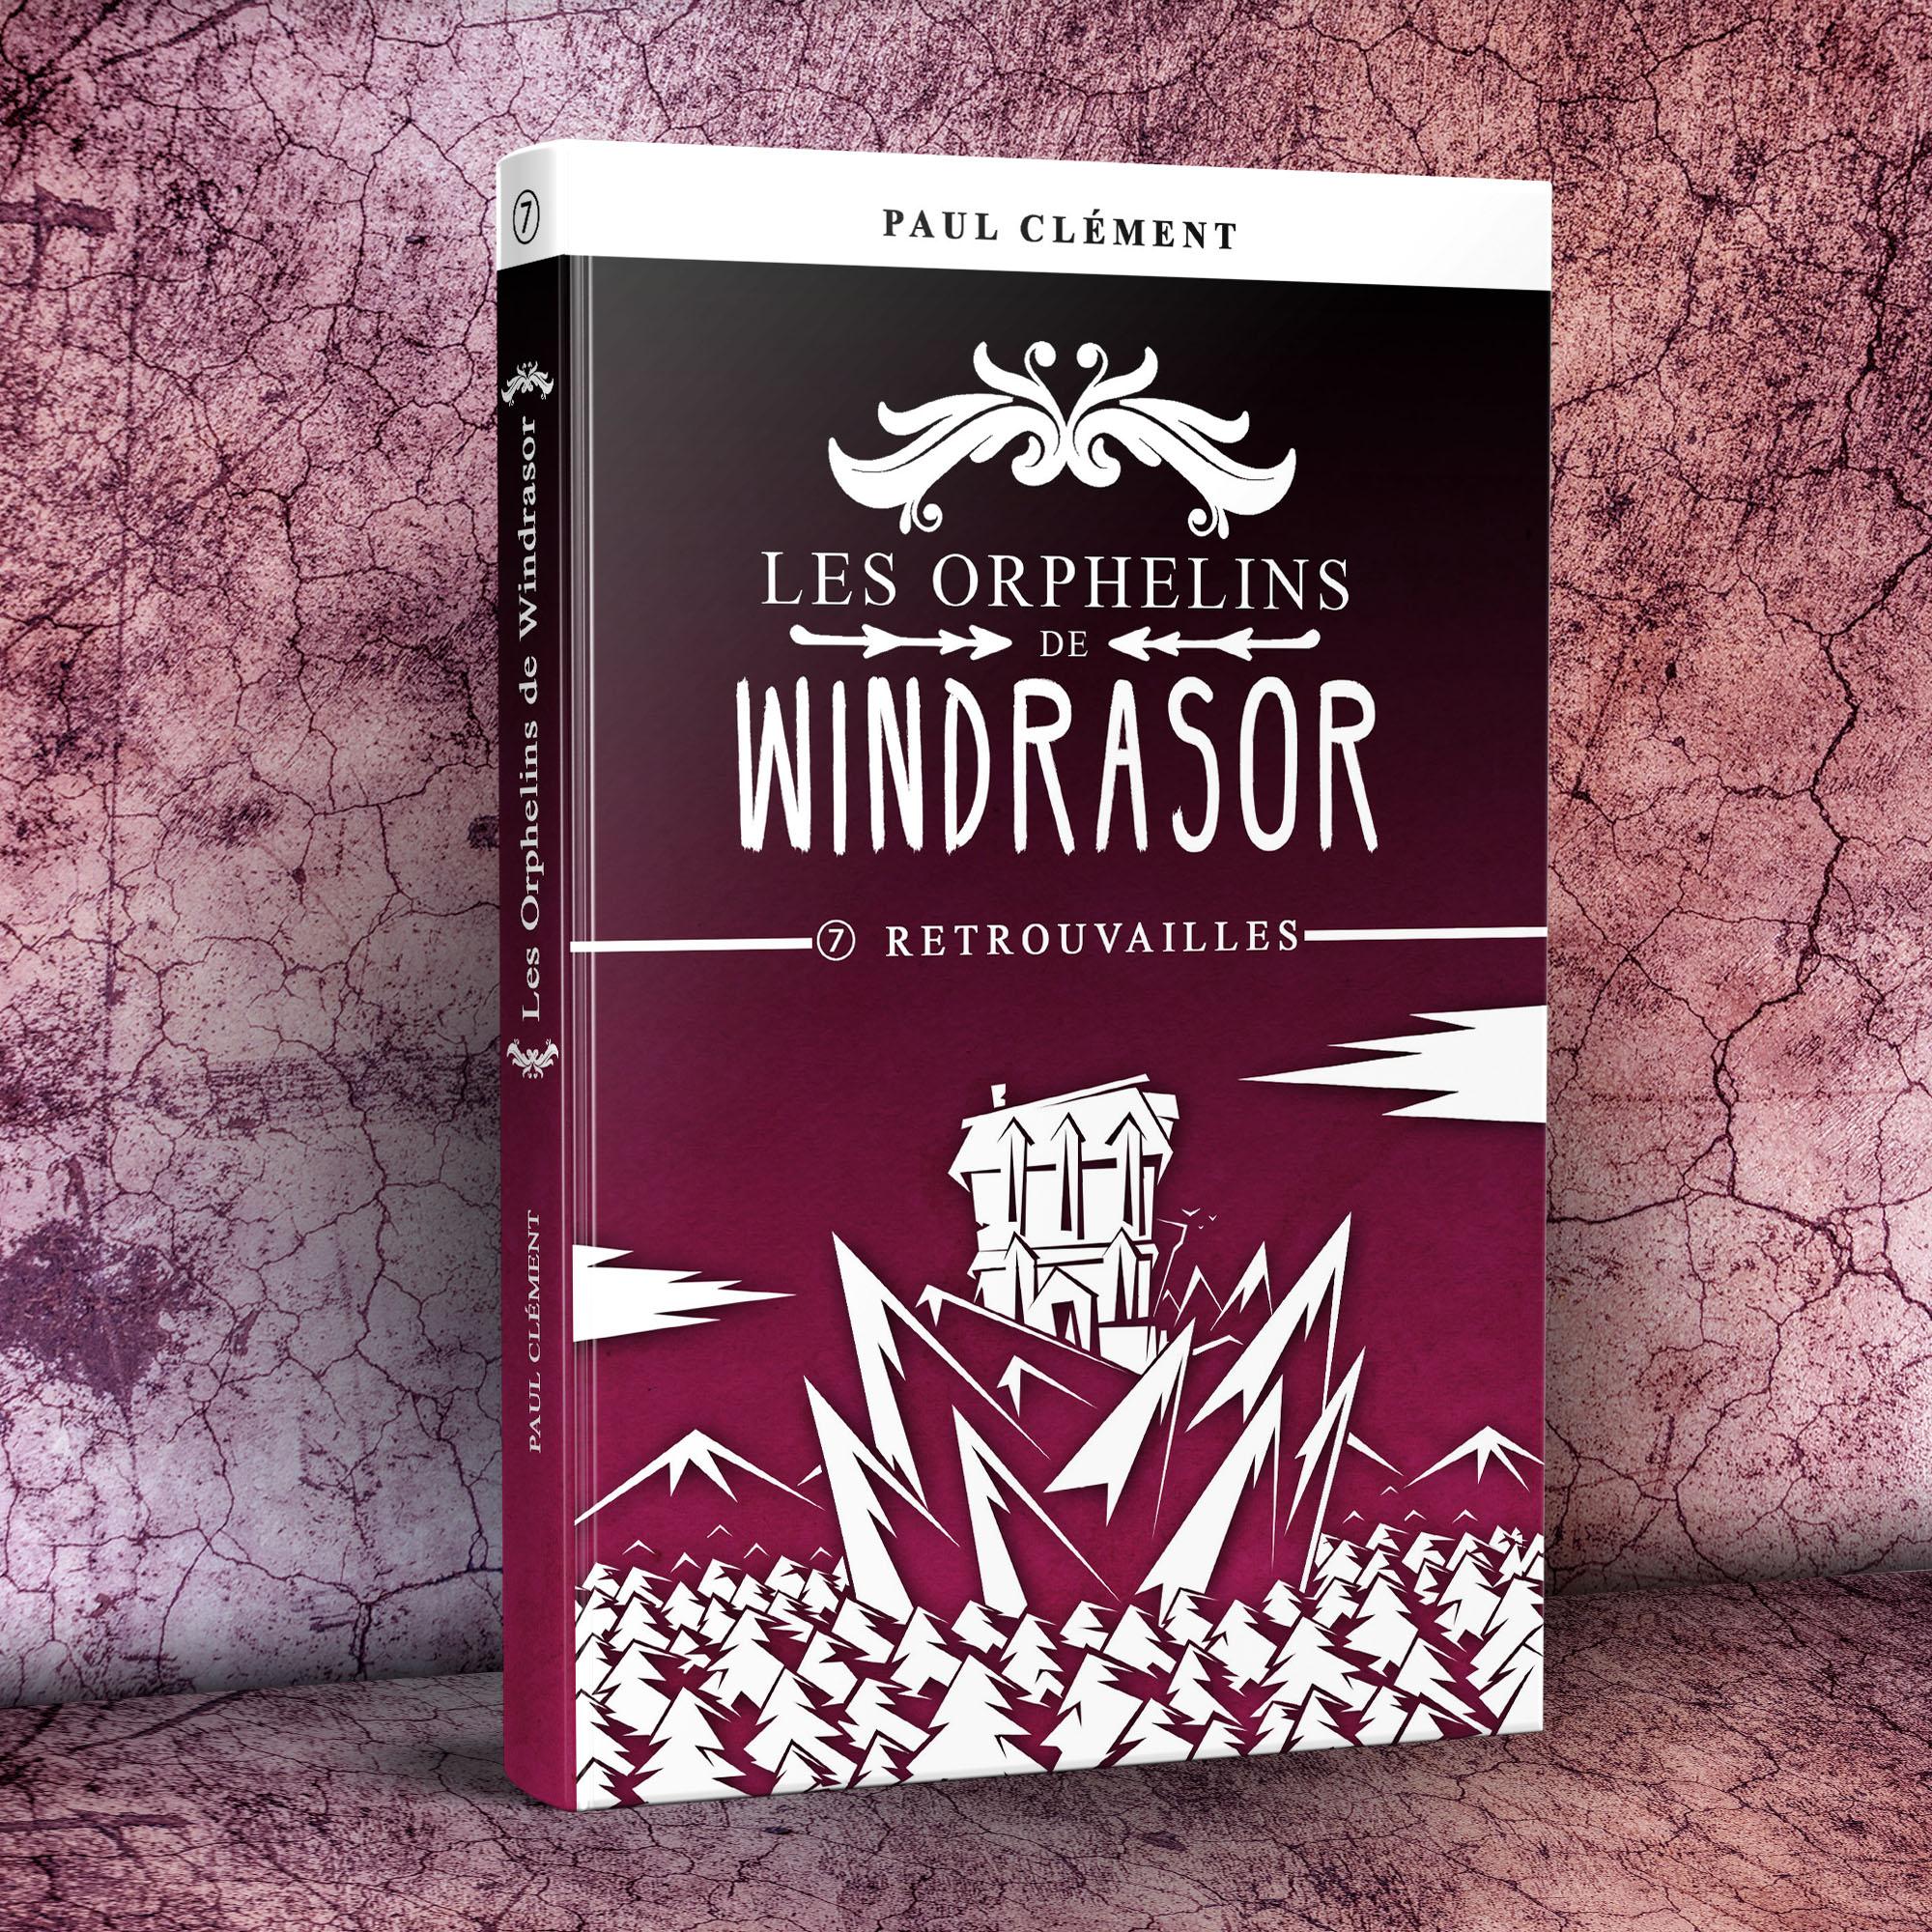 Les Orphelins de Windrasor Episode 7 : Retrouvailles